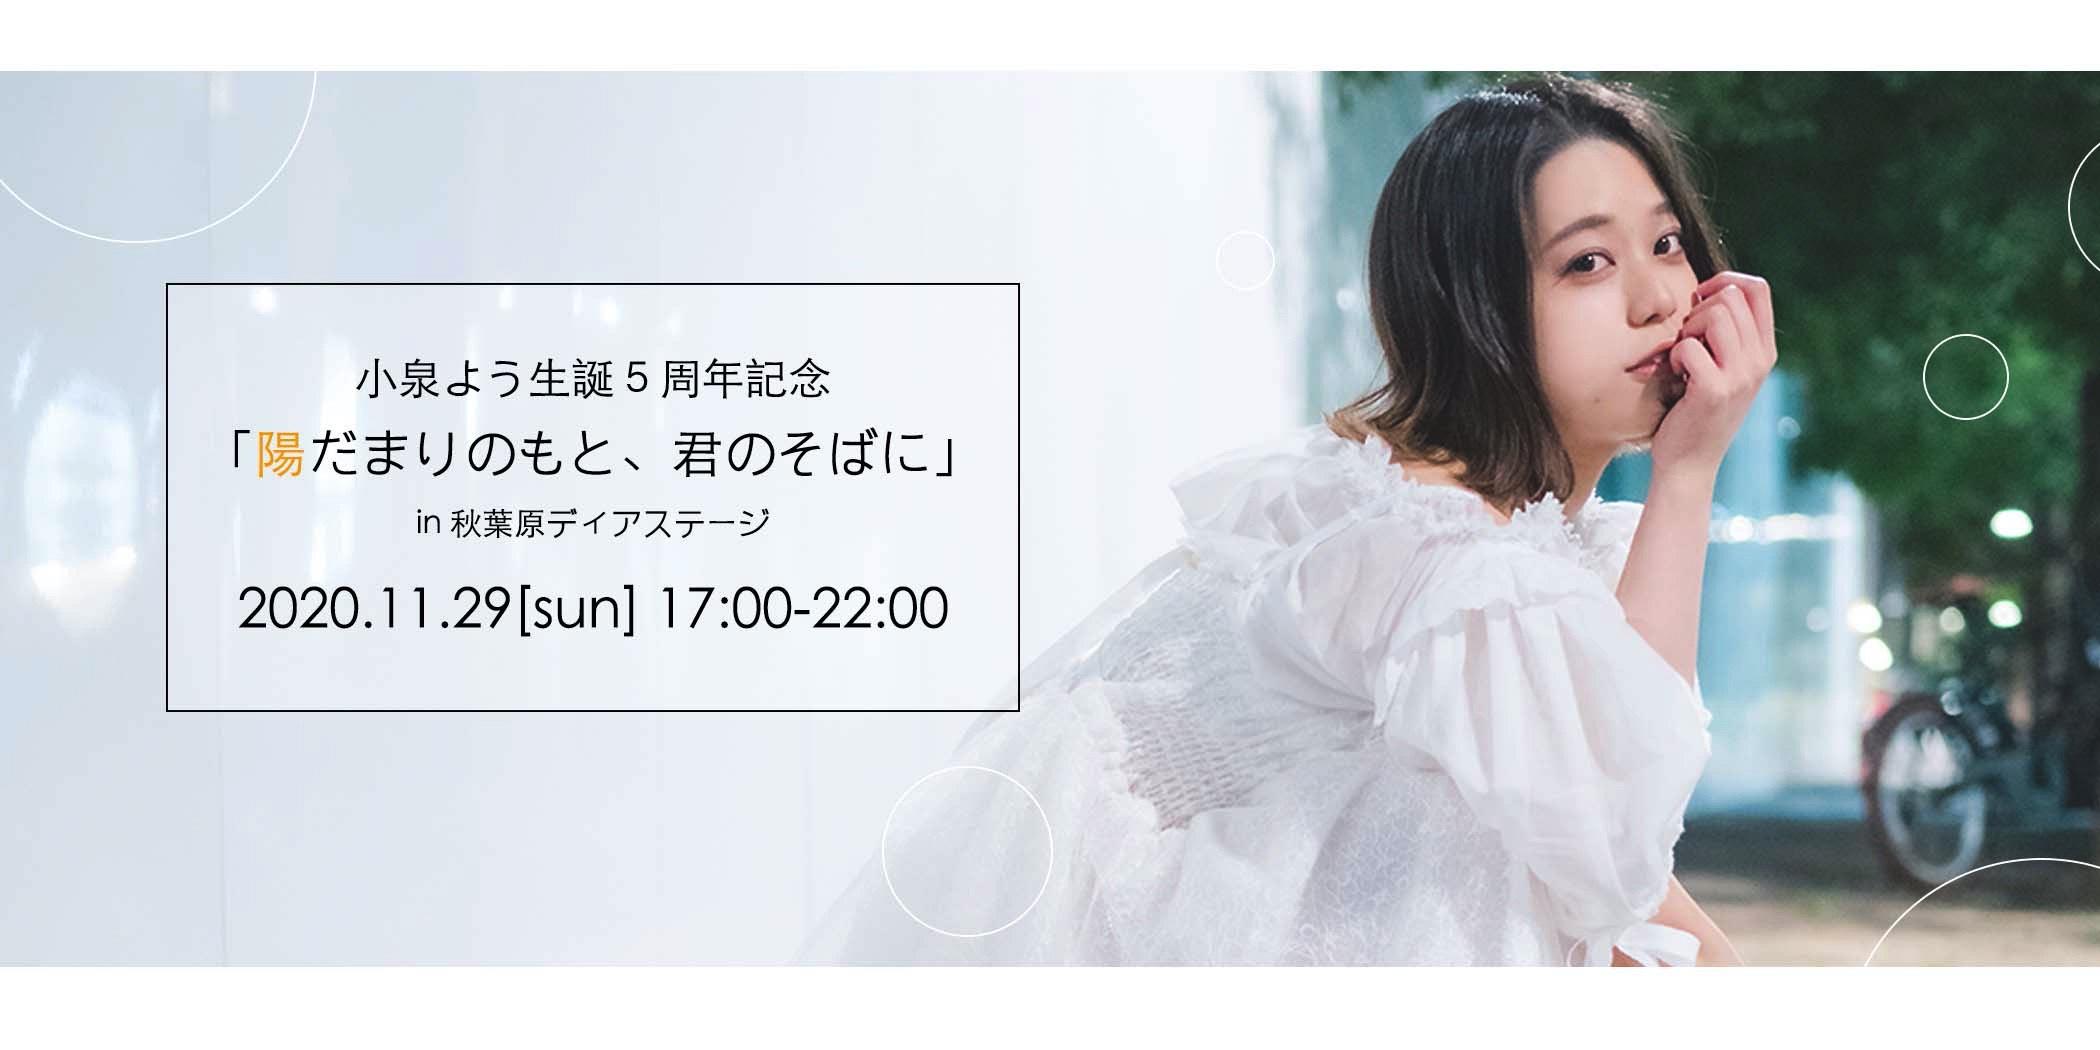 小泉よう生誕5周年記念 「陽だまりのもと、君のそばに」